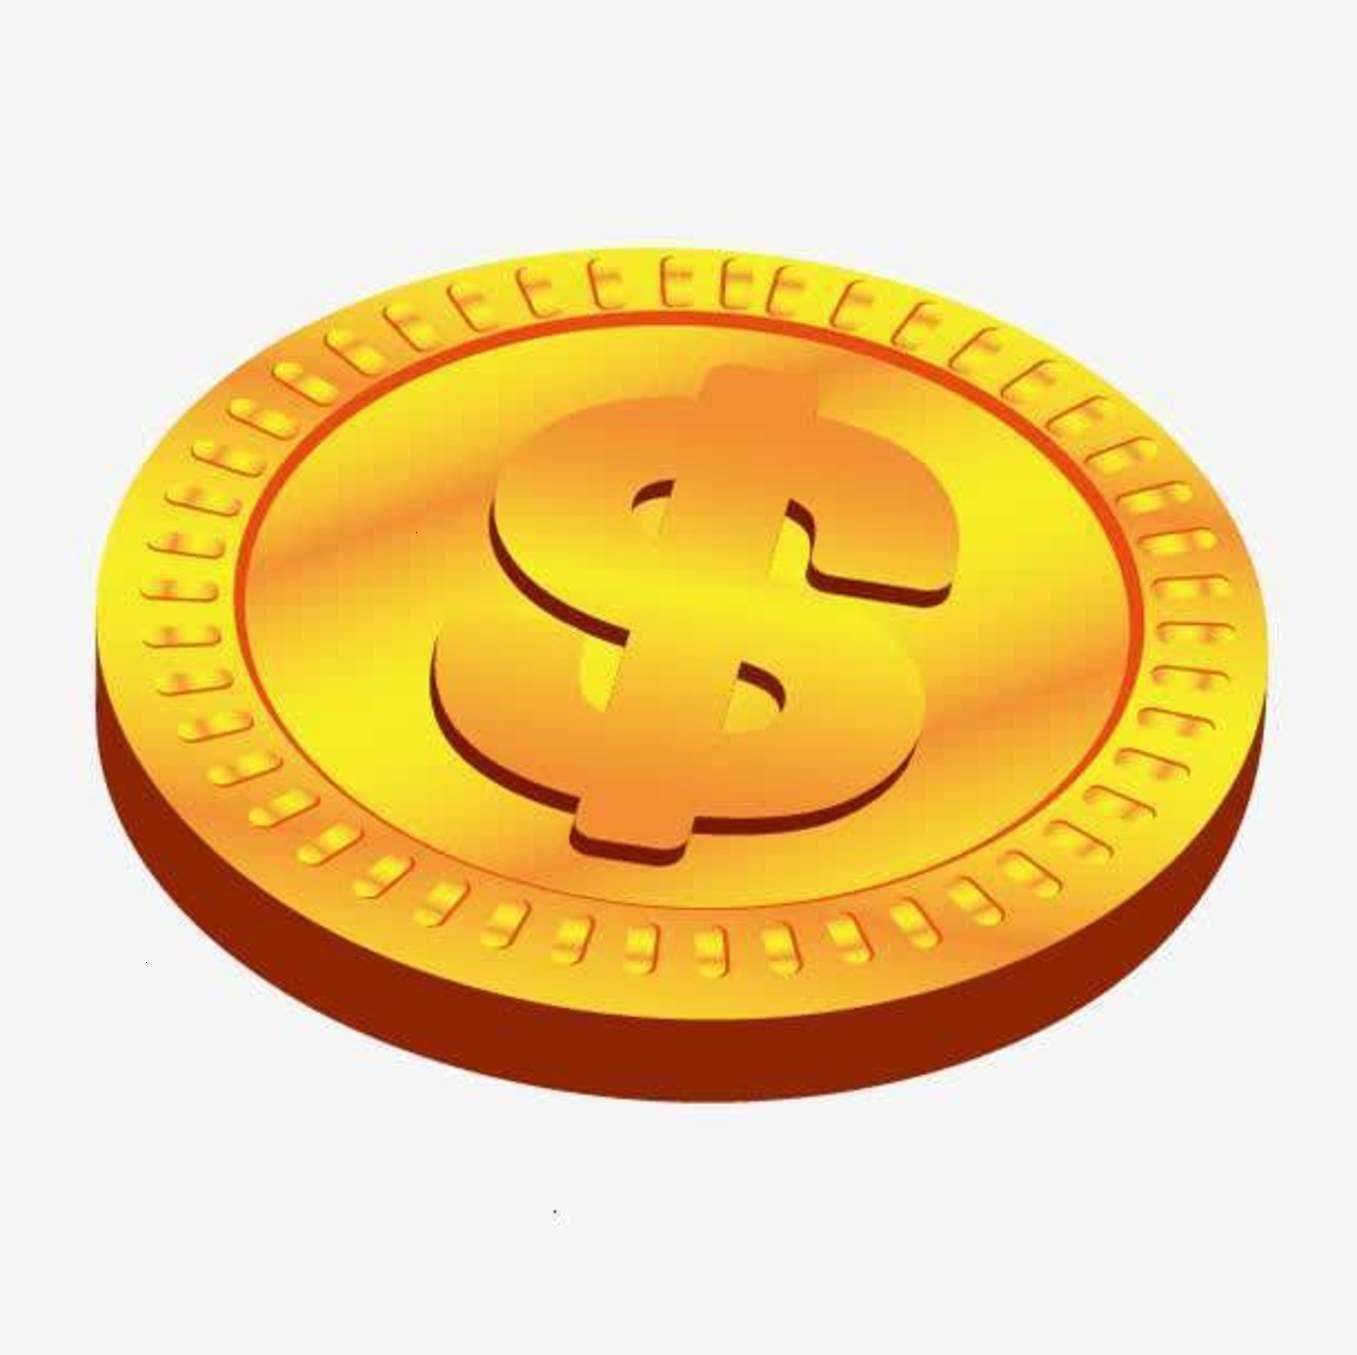 Ücret EMS Kozmetik Çantalar DHL Hongkong Post Ekstra Kutu Sadece Siparişler Bakiyesi için Maliyet Kişiselleştirilmiş Özel Ürün Ödeme Parası Özelleştirmek 1